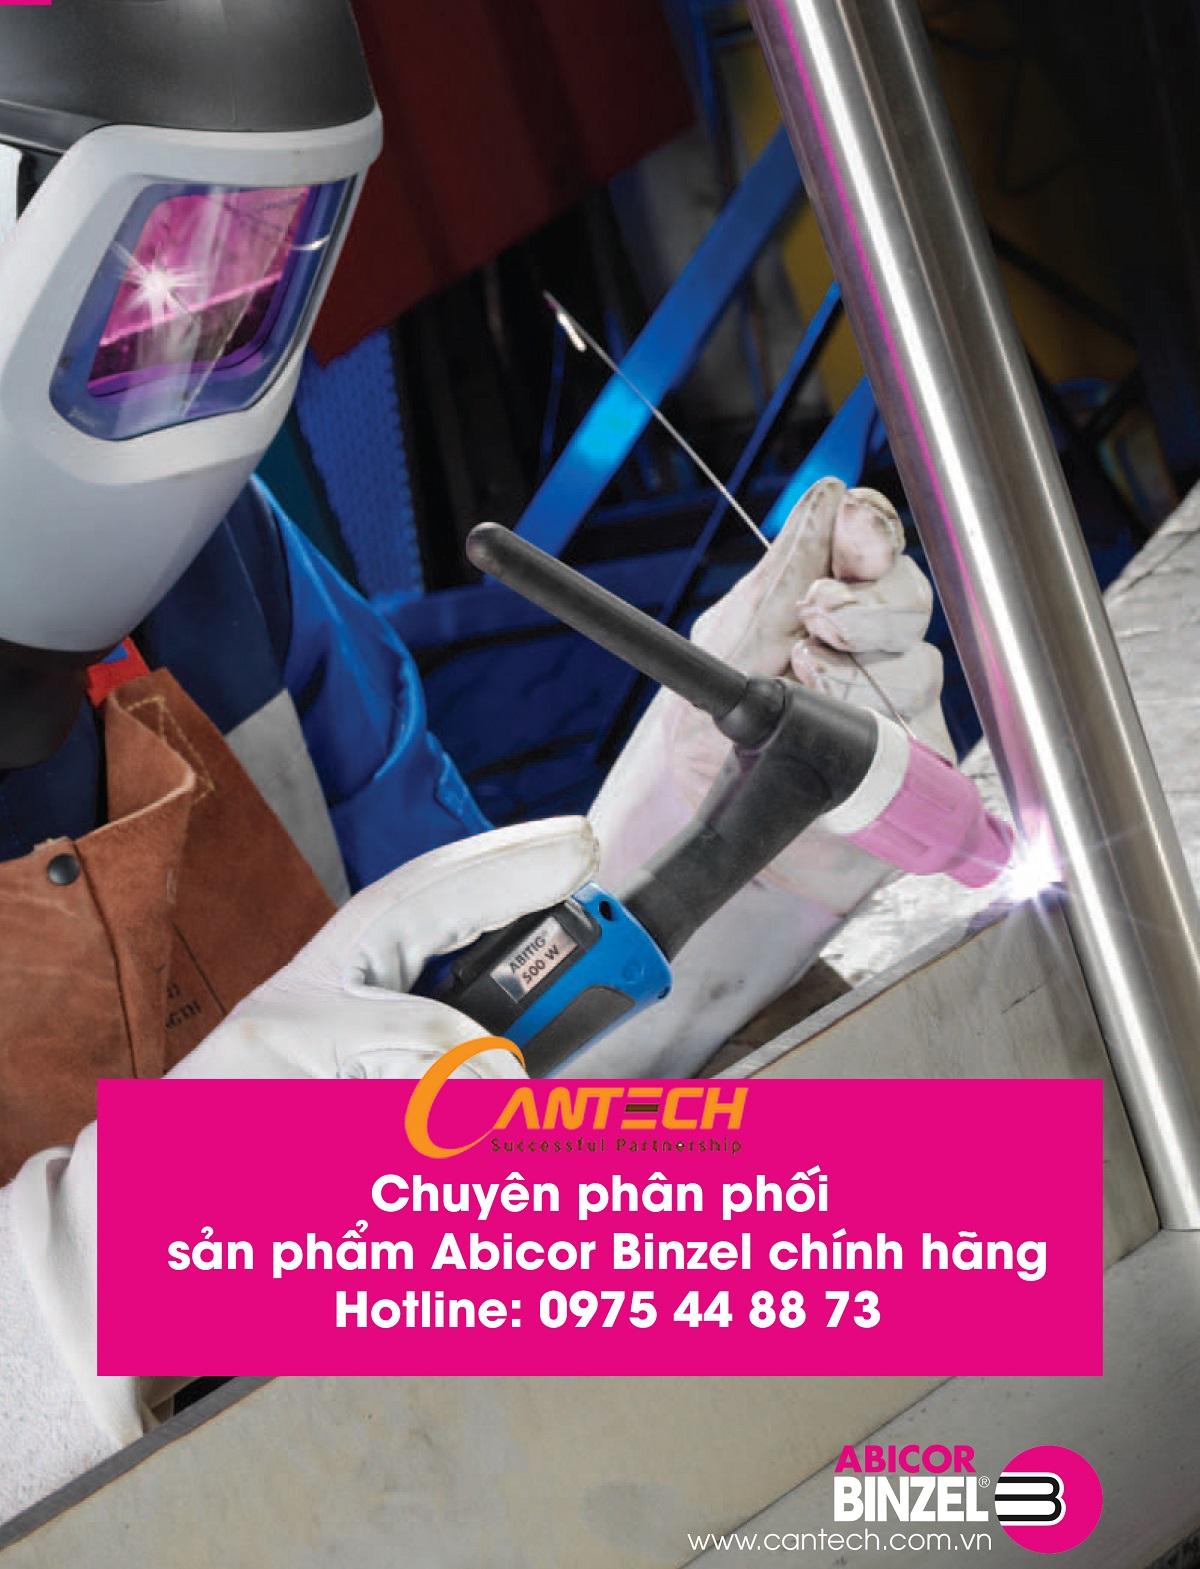 Nhà phân phối Abicor Binzel tại Việt Nam